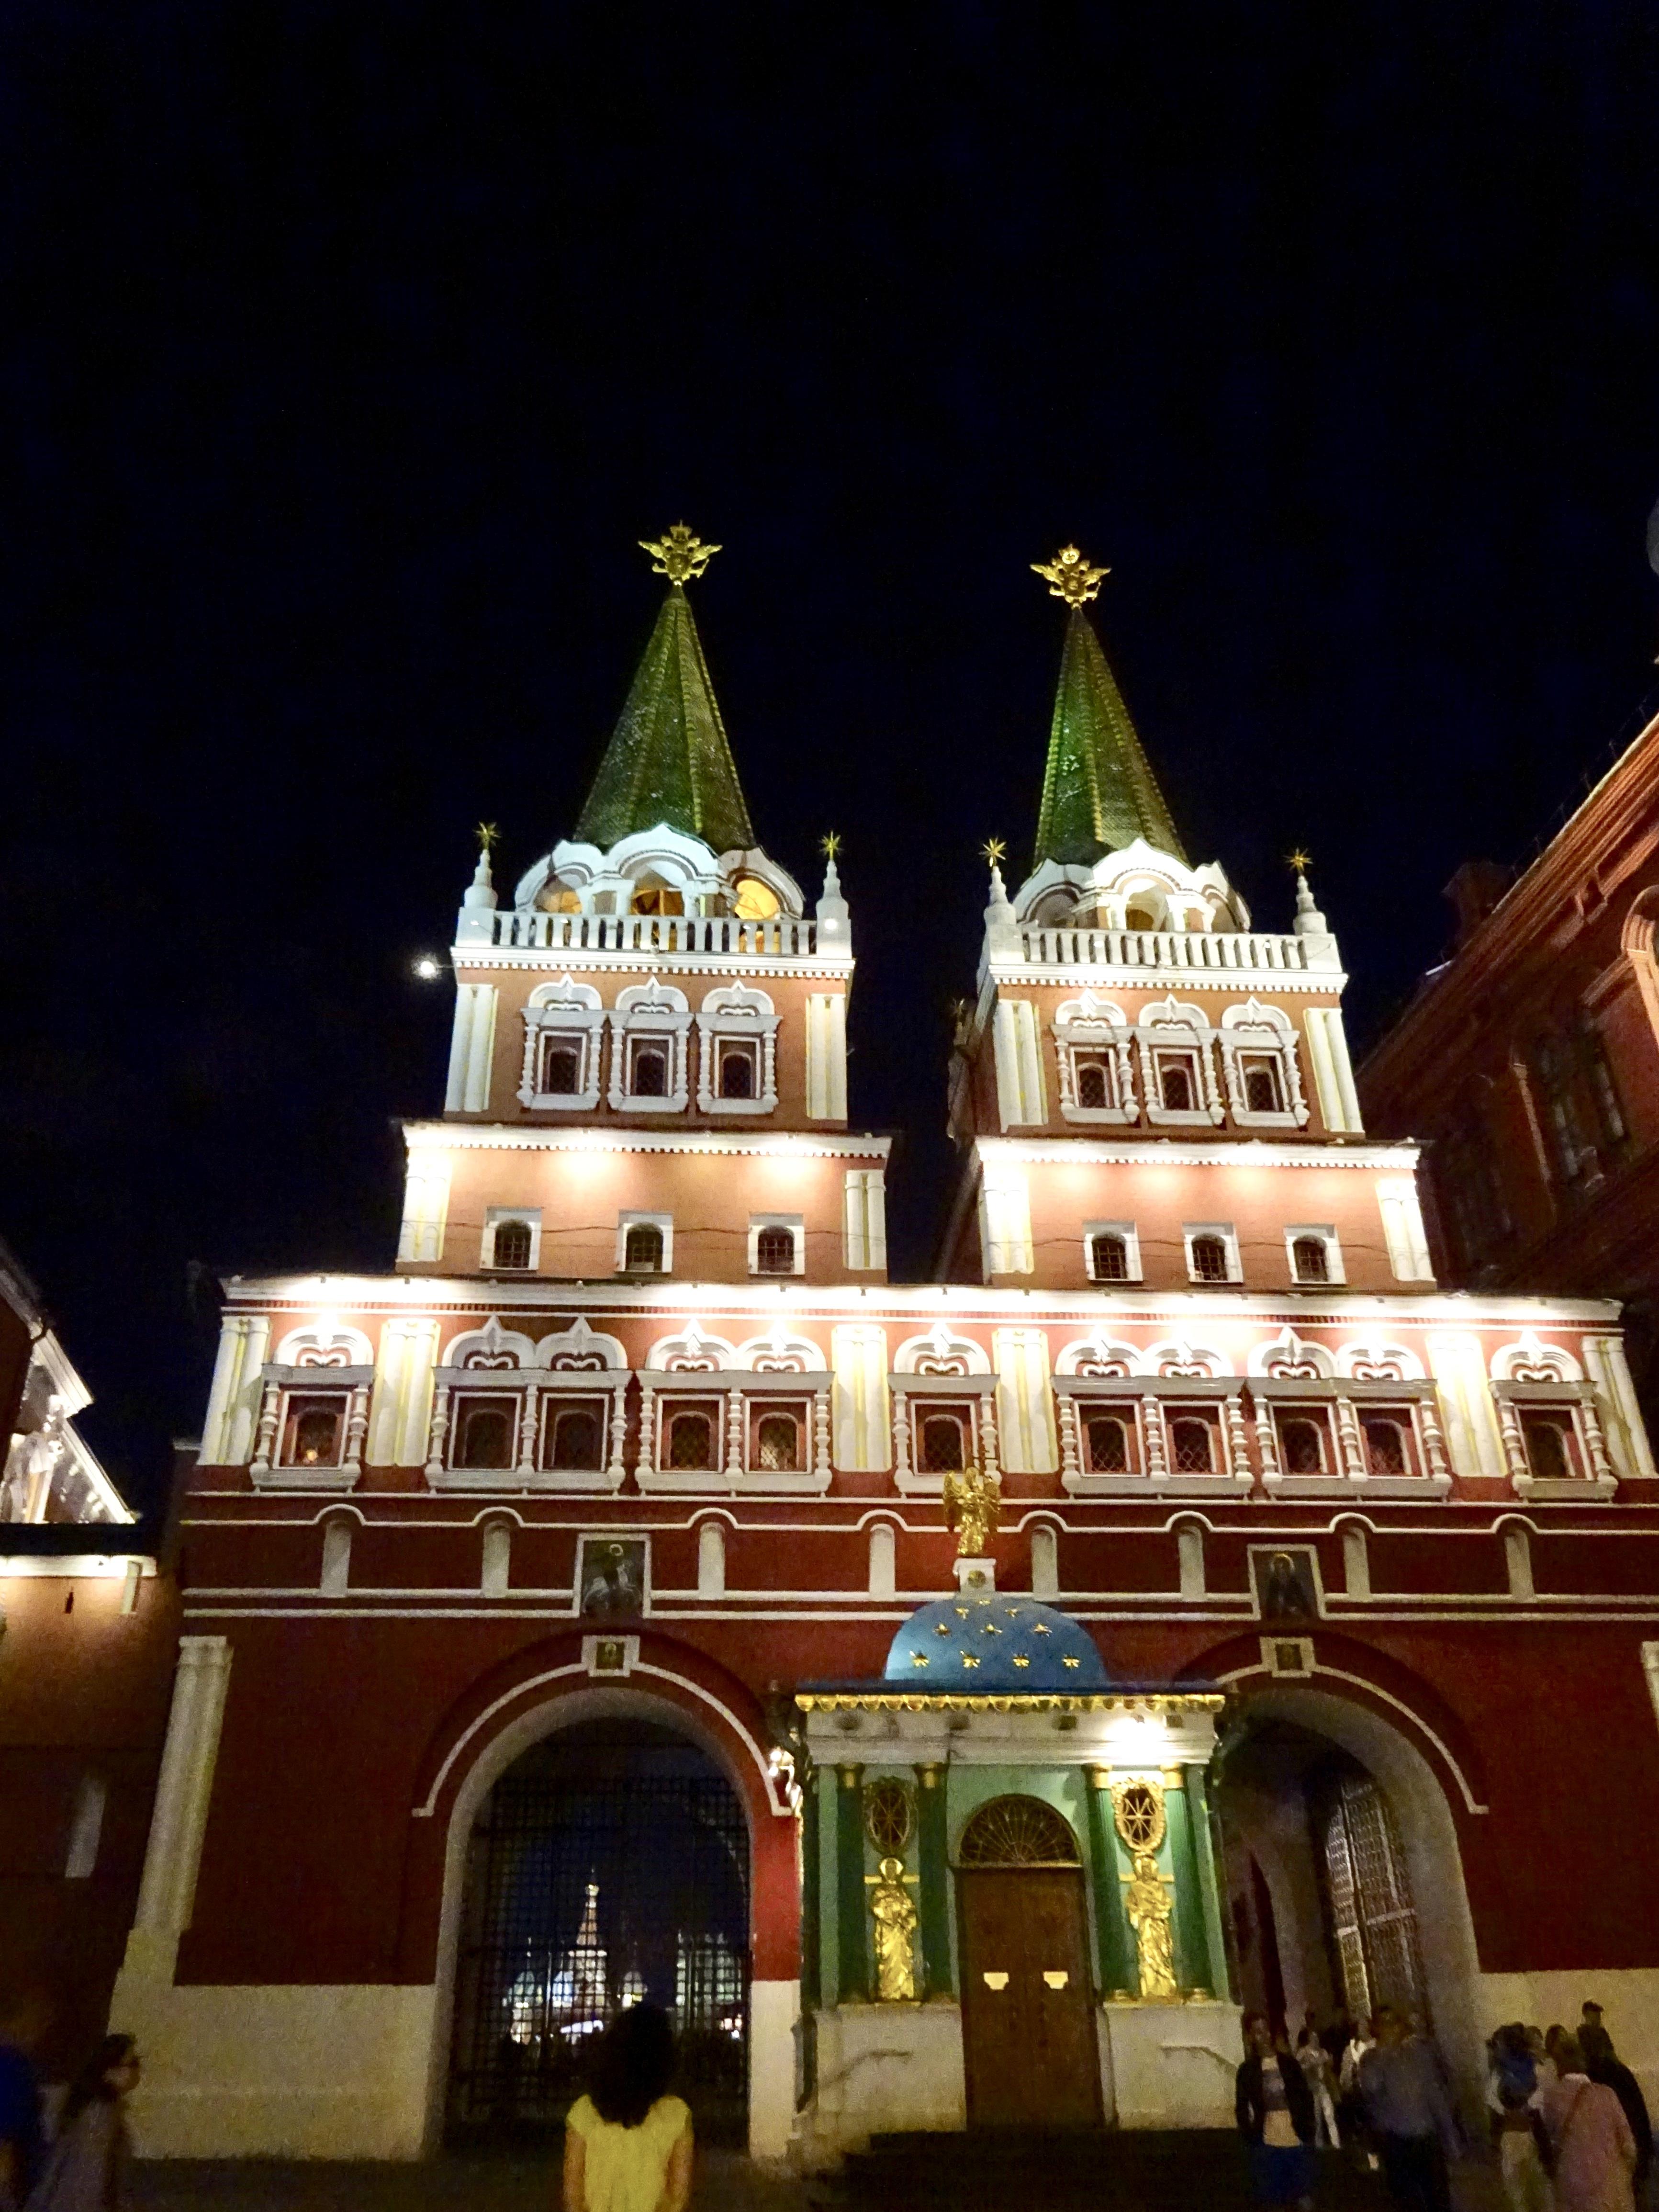 ヴァスクレセンスキー門